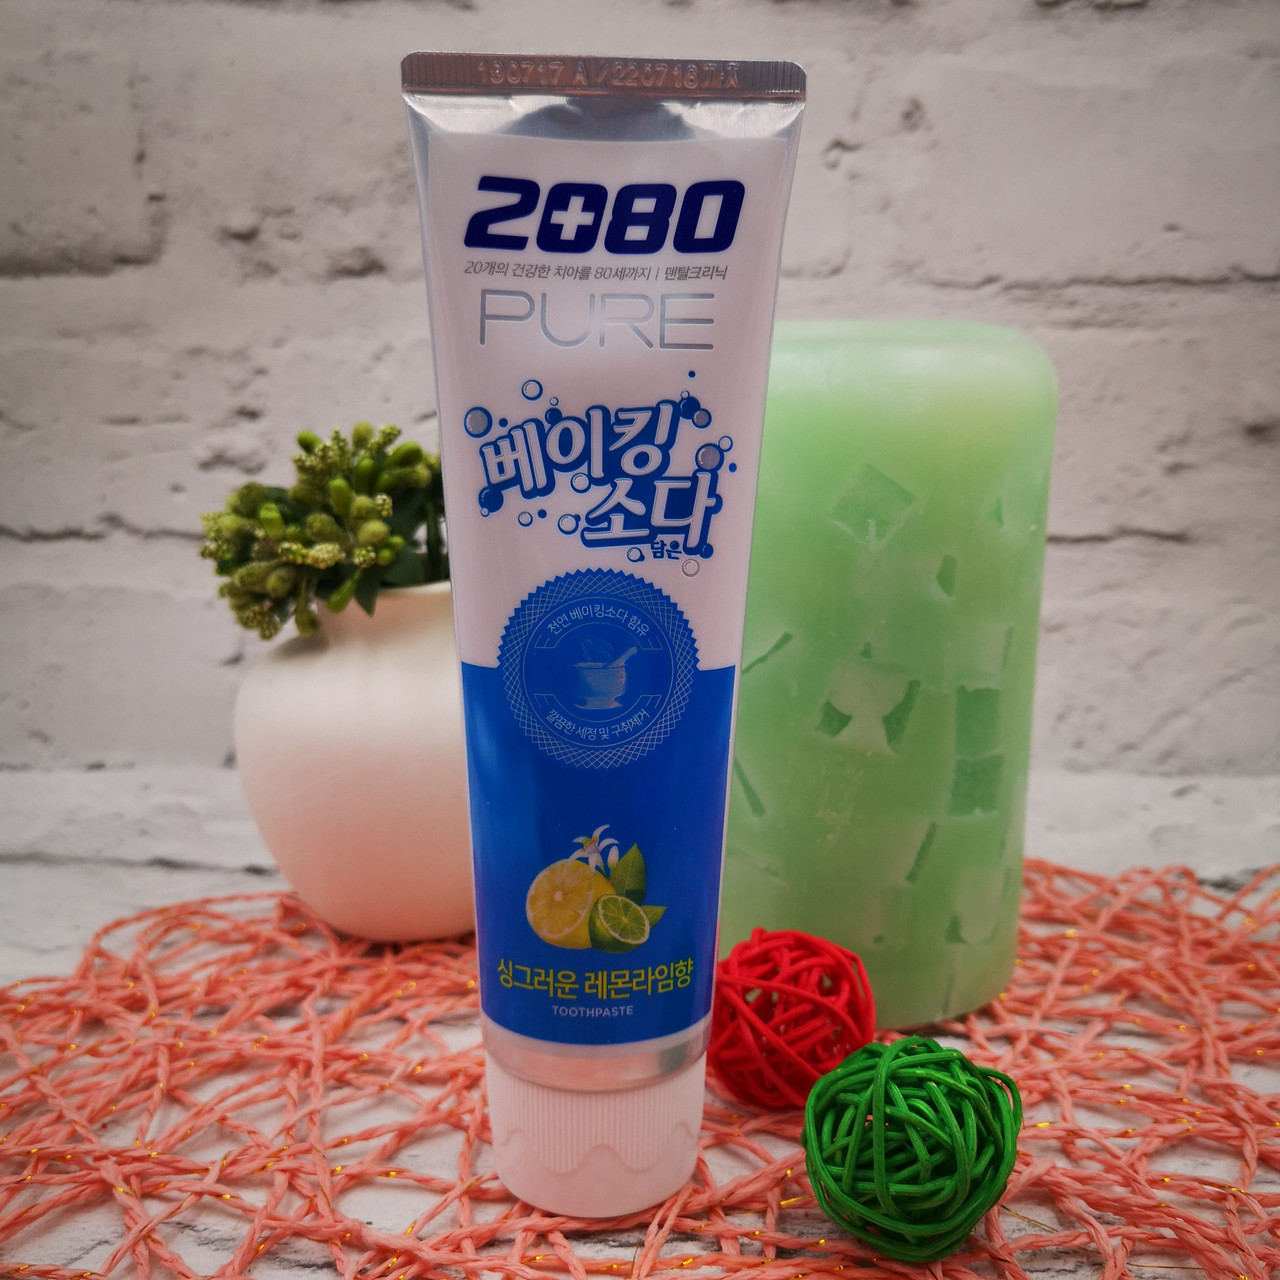 Зубная паста Aekyung с пищевой содой со вкусом лимона 2080 Pure Baking Soda Lemon Lime